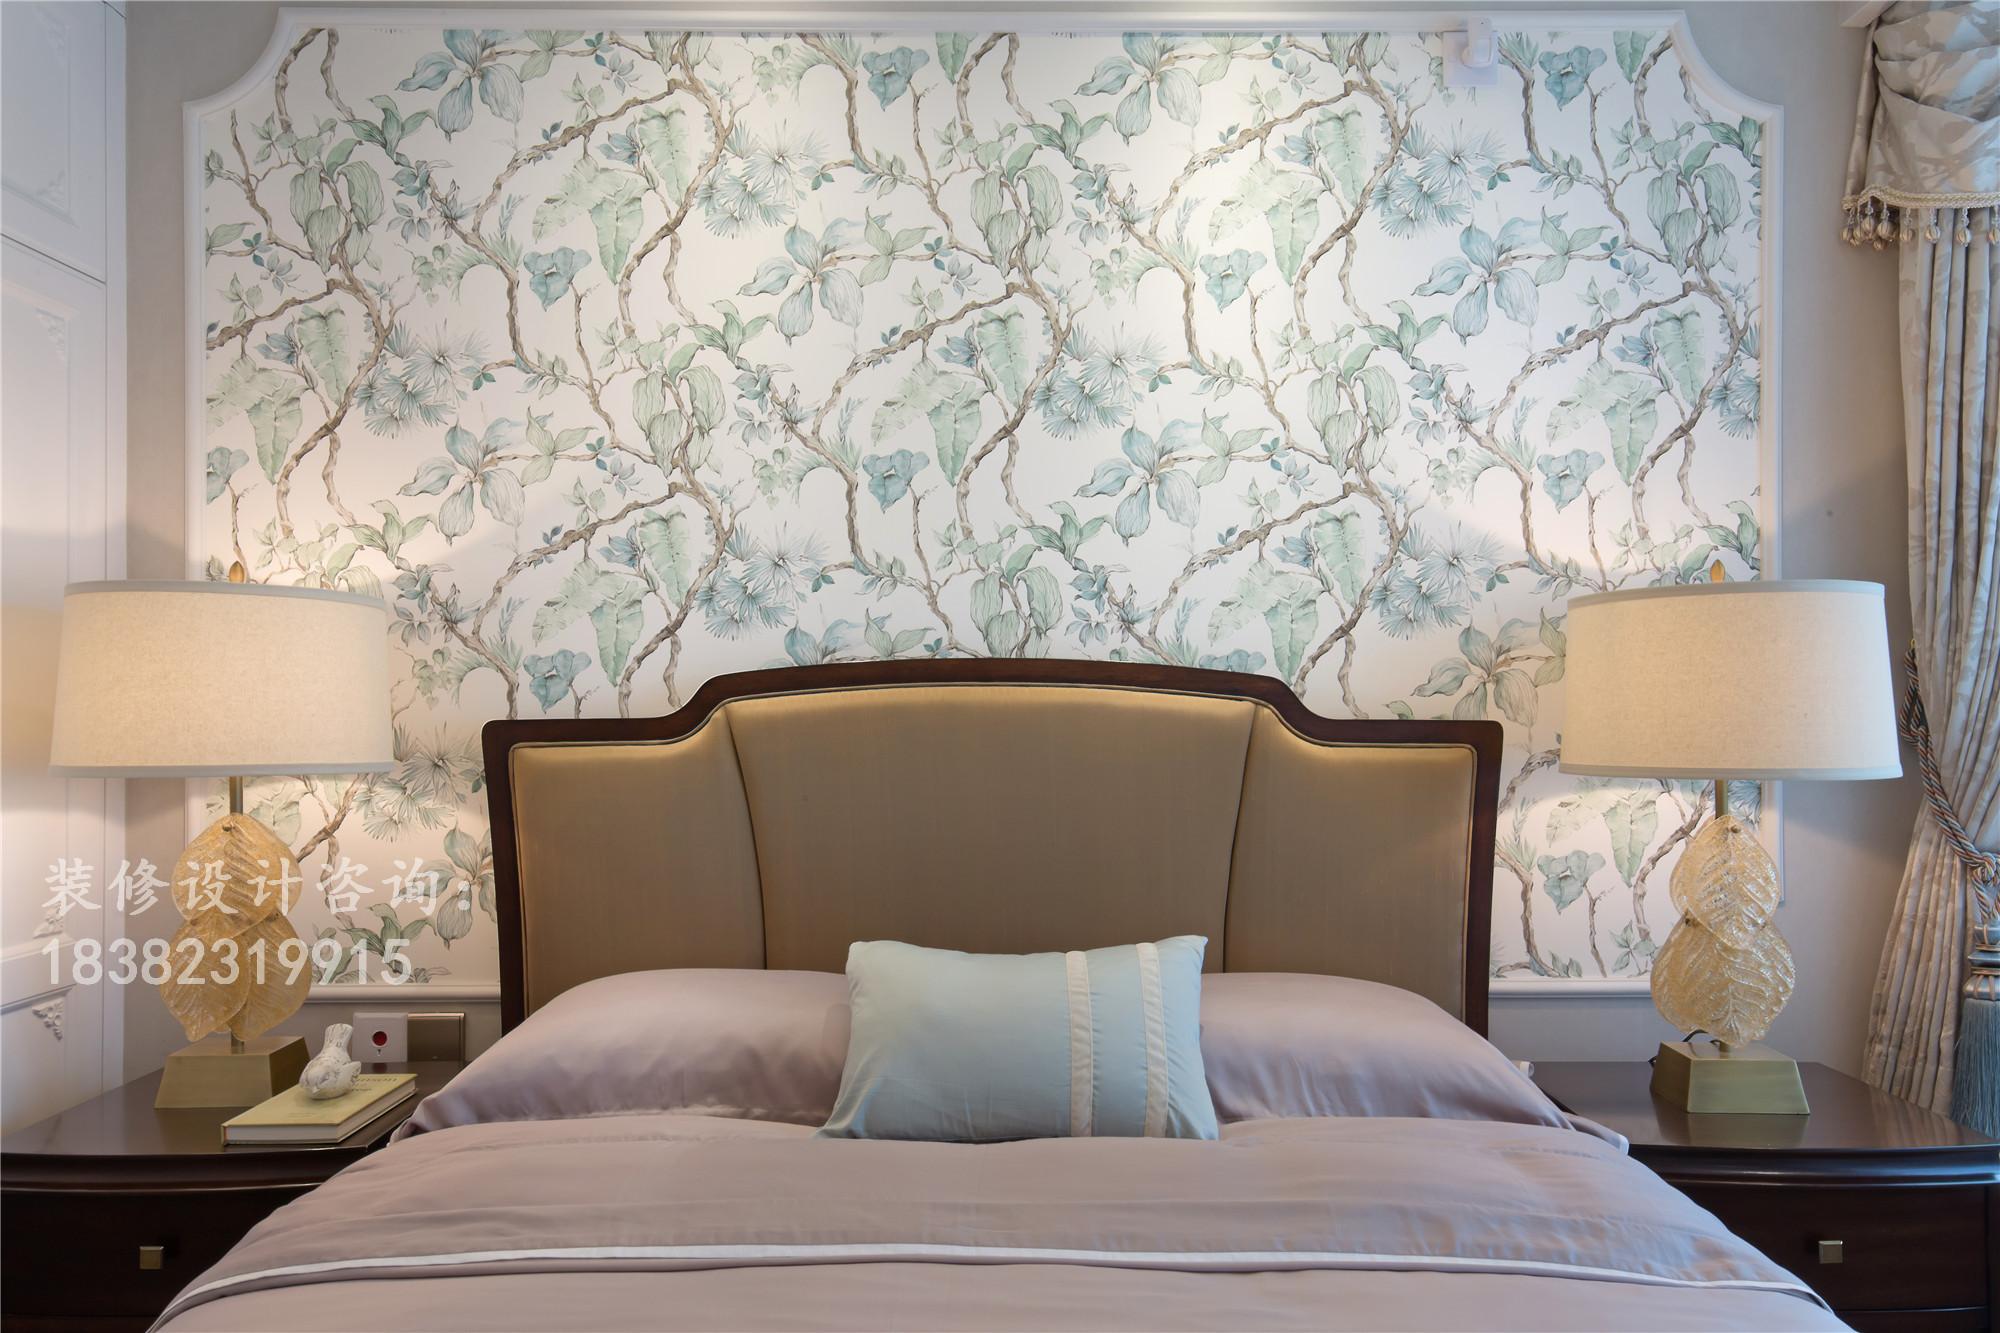 简约 三居 美式 80后 小资 卧室图片来自成都丰立装饰工程公司在孔雀蓝-神秘的色彩的分享